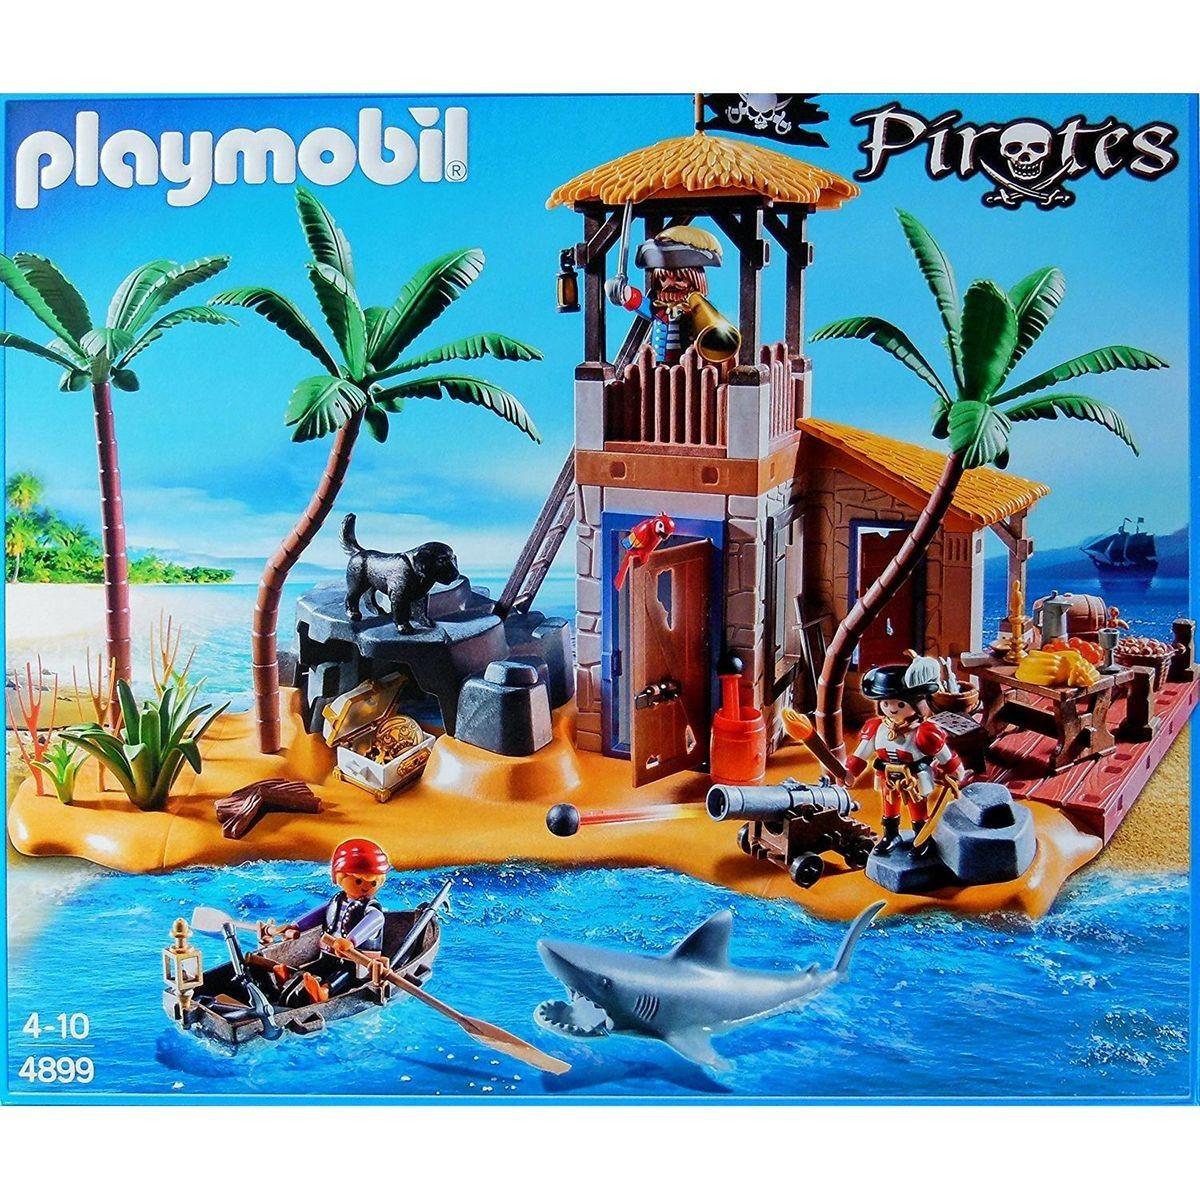 Playmobil 4899 Pirates Le Repaire Des Pirates Taille Tu